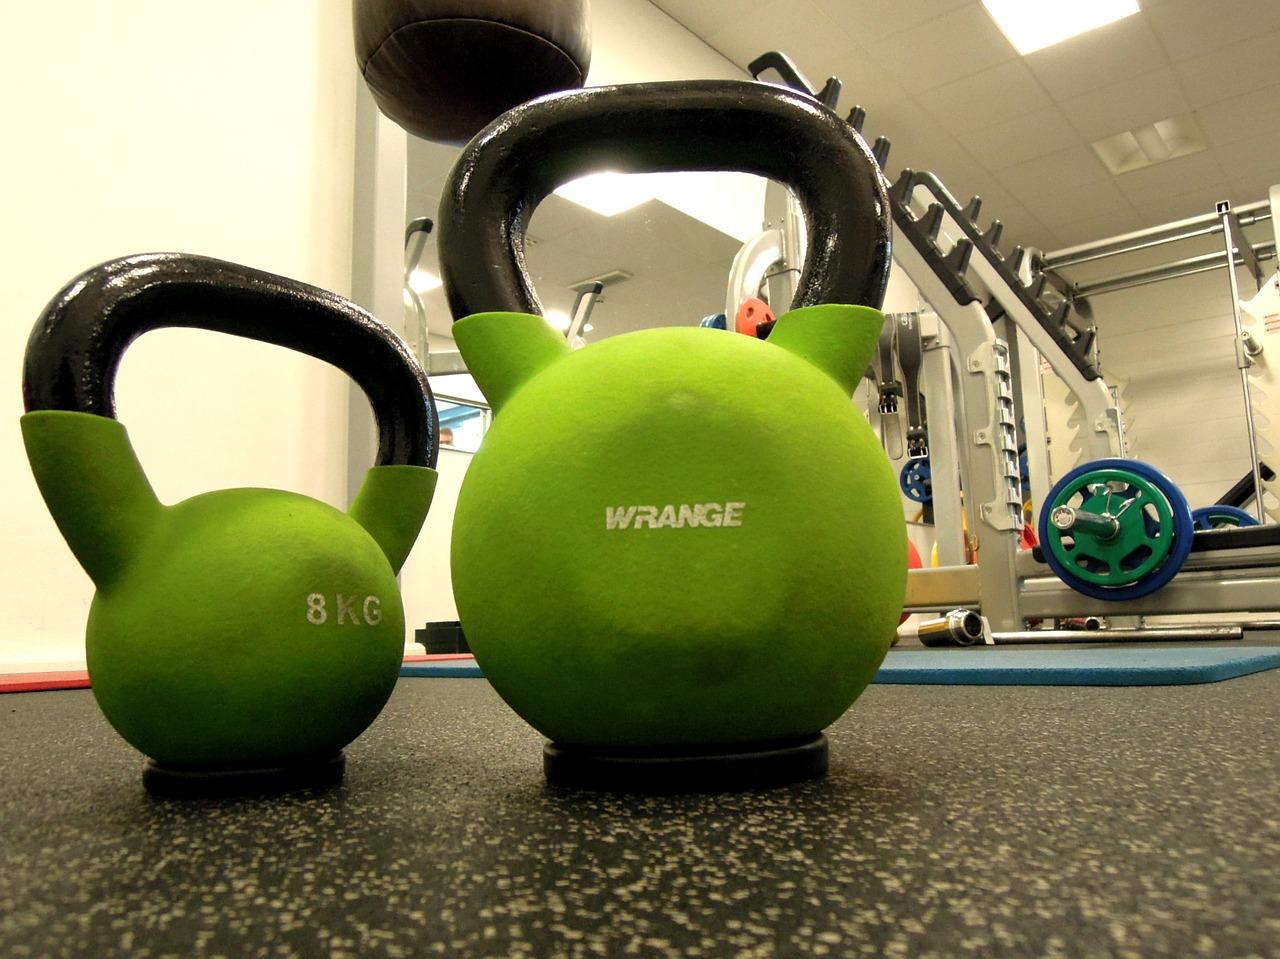 weights-1171856_1280.jpg